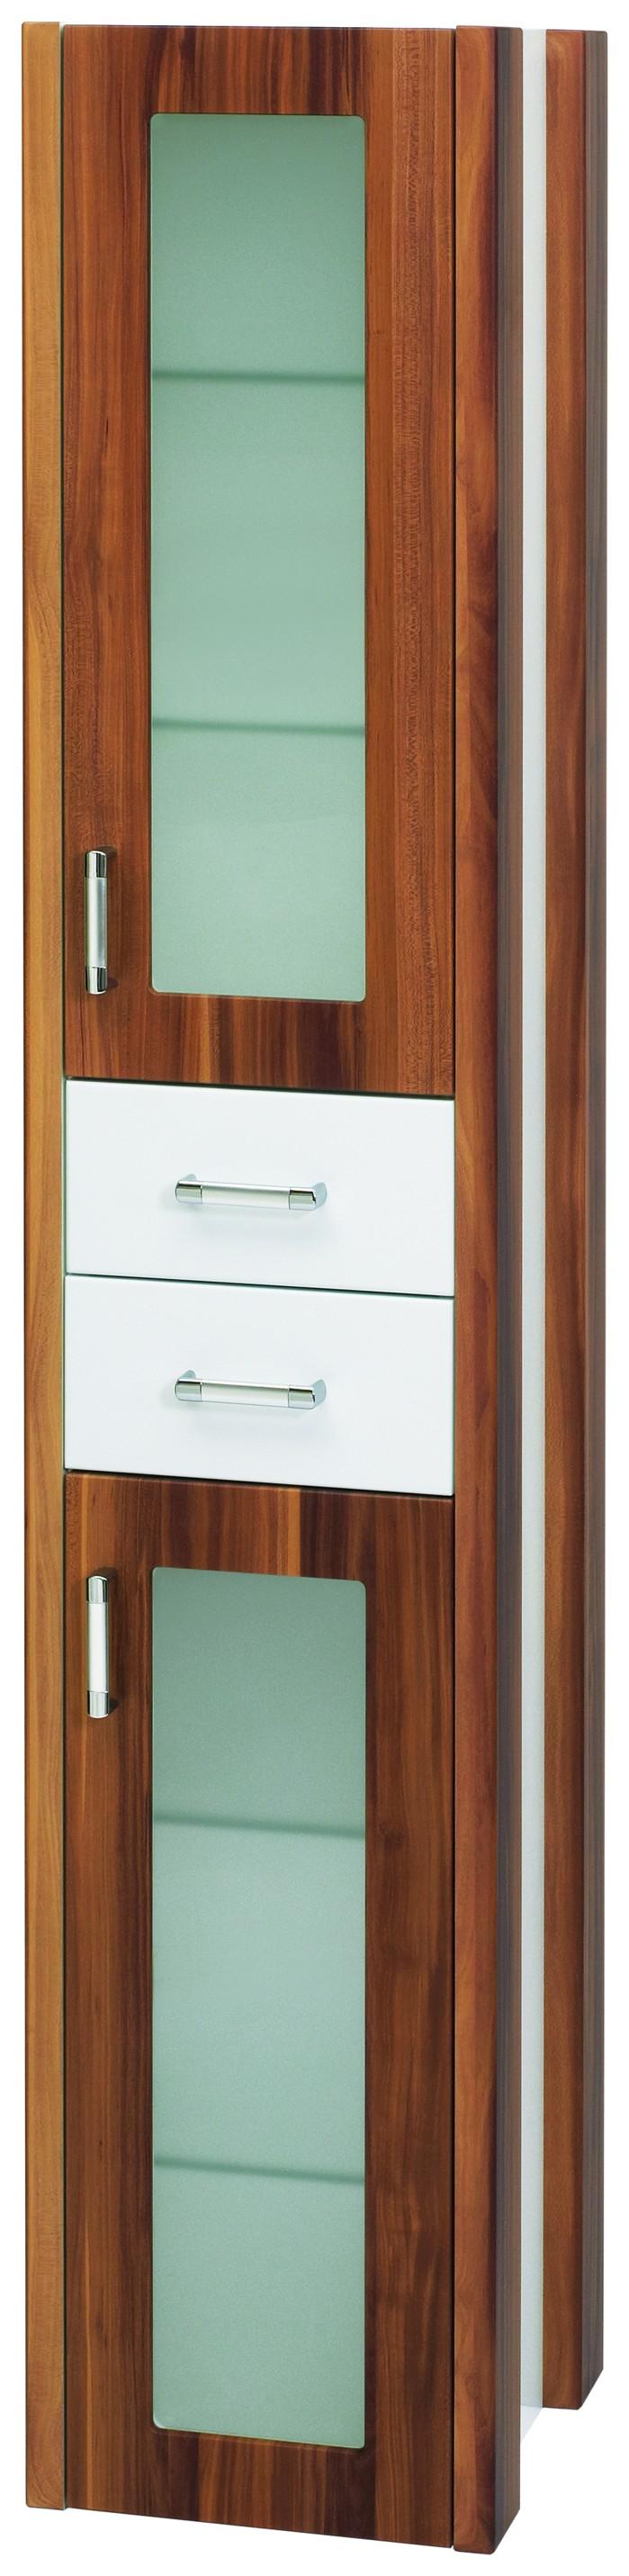 Пенал DrejaМебель для ванной комнаты<br>Тип: пенал, Тип установки мебели для ванной: подвесной, Материал изготовления мебели для ванной: дсп, Цвет мебели для ванной: цвета под дерево, С ящиками: есть, Коллекция: lafutura<br>